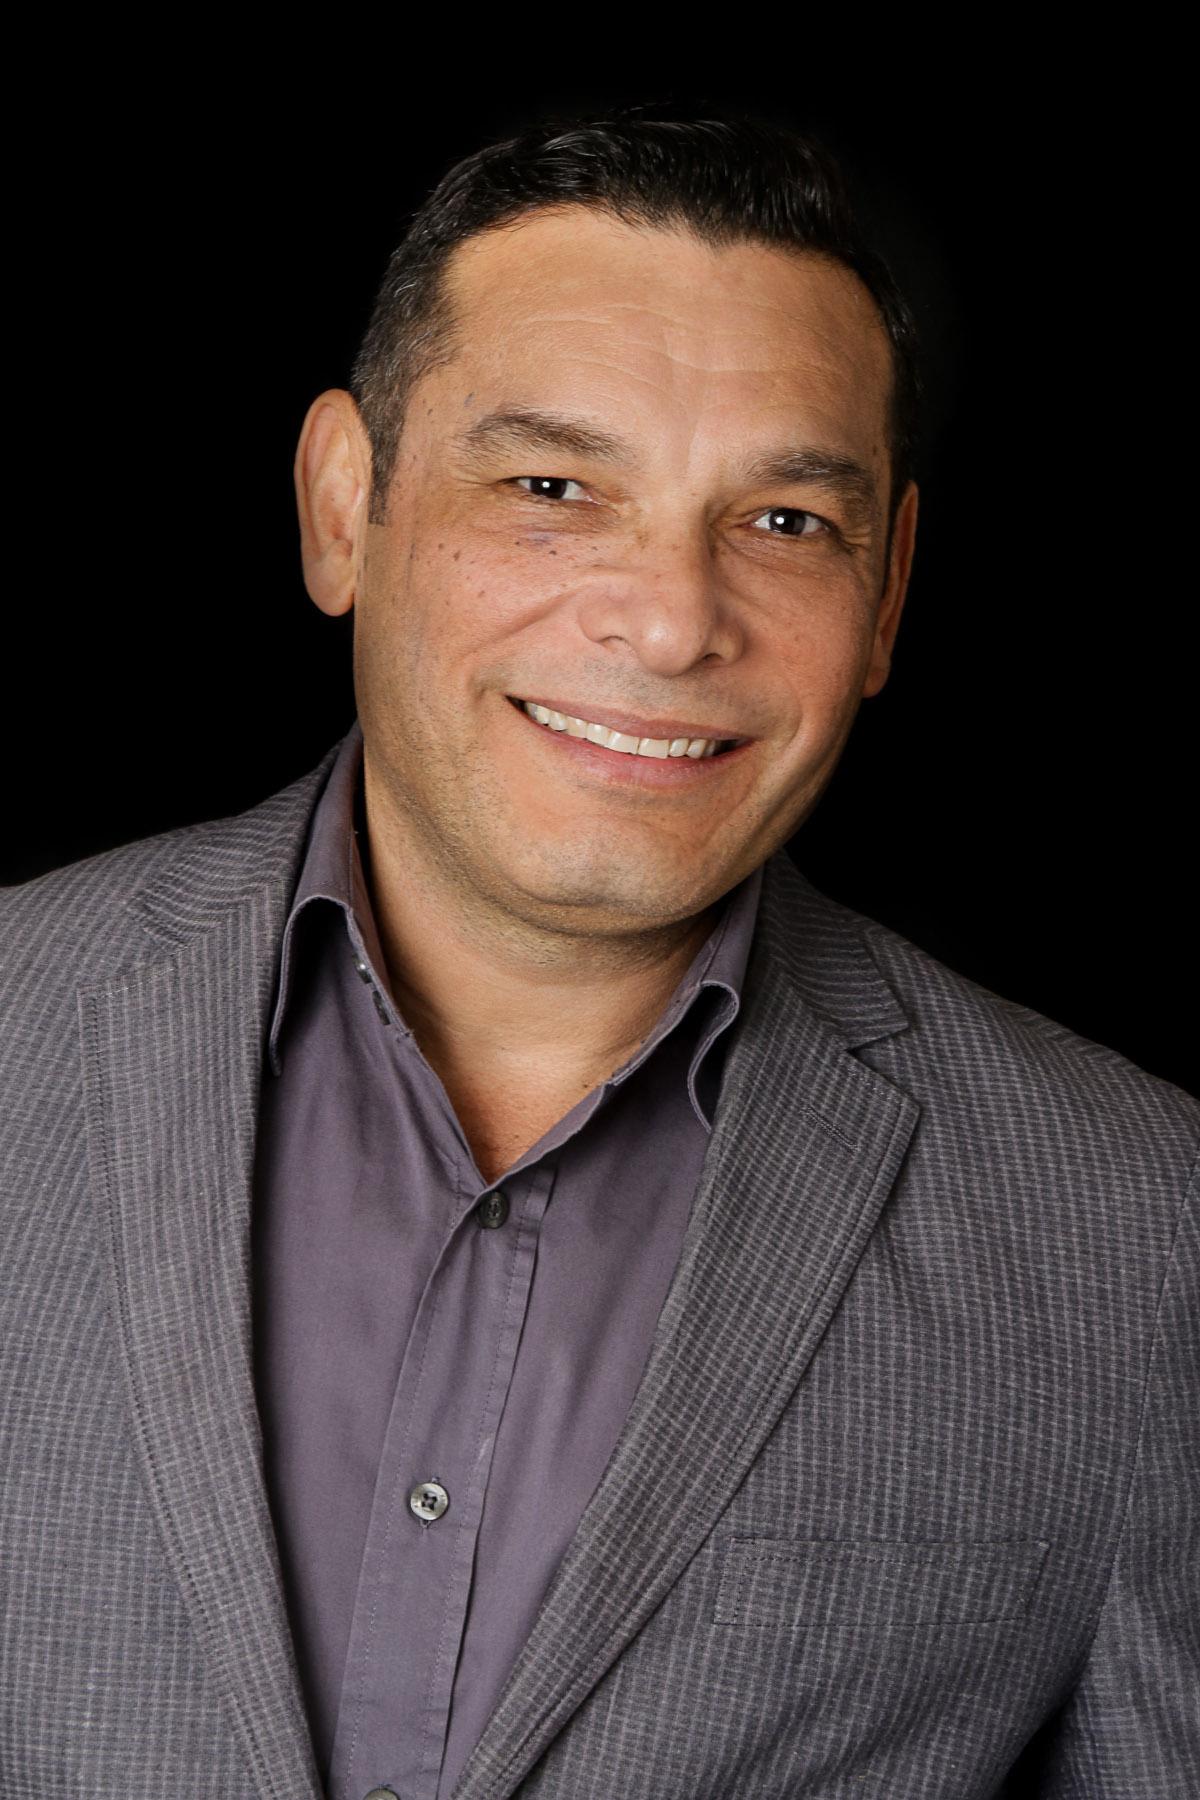 Jose Rojas profile image